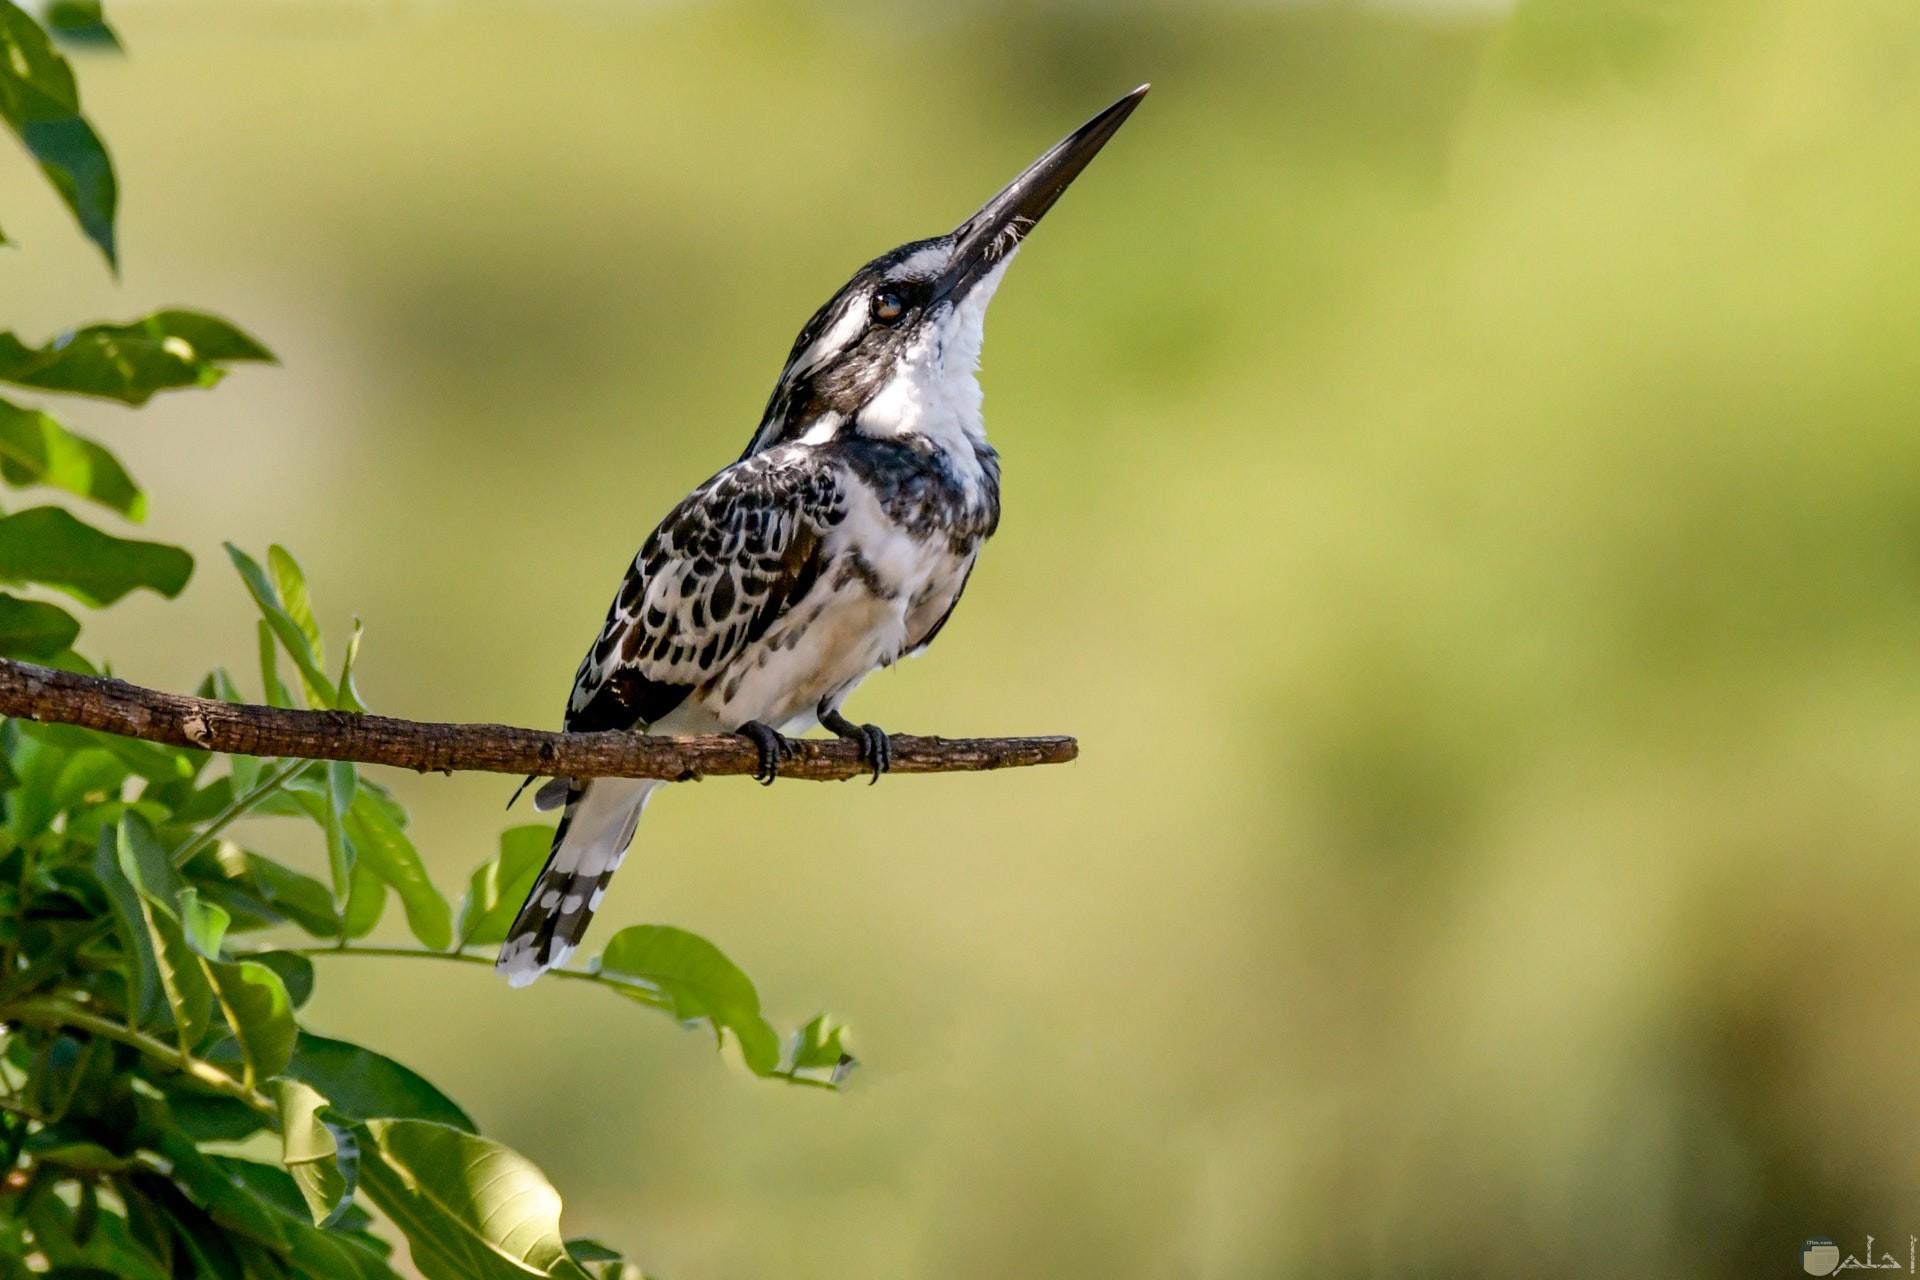 صورة جميلة لطائر ملون باللون الأبيض والبني واقف علي غصن شجرة